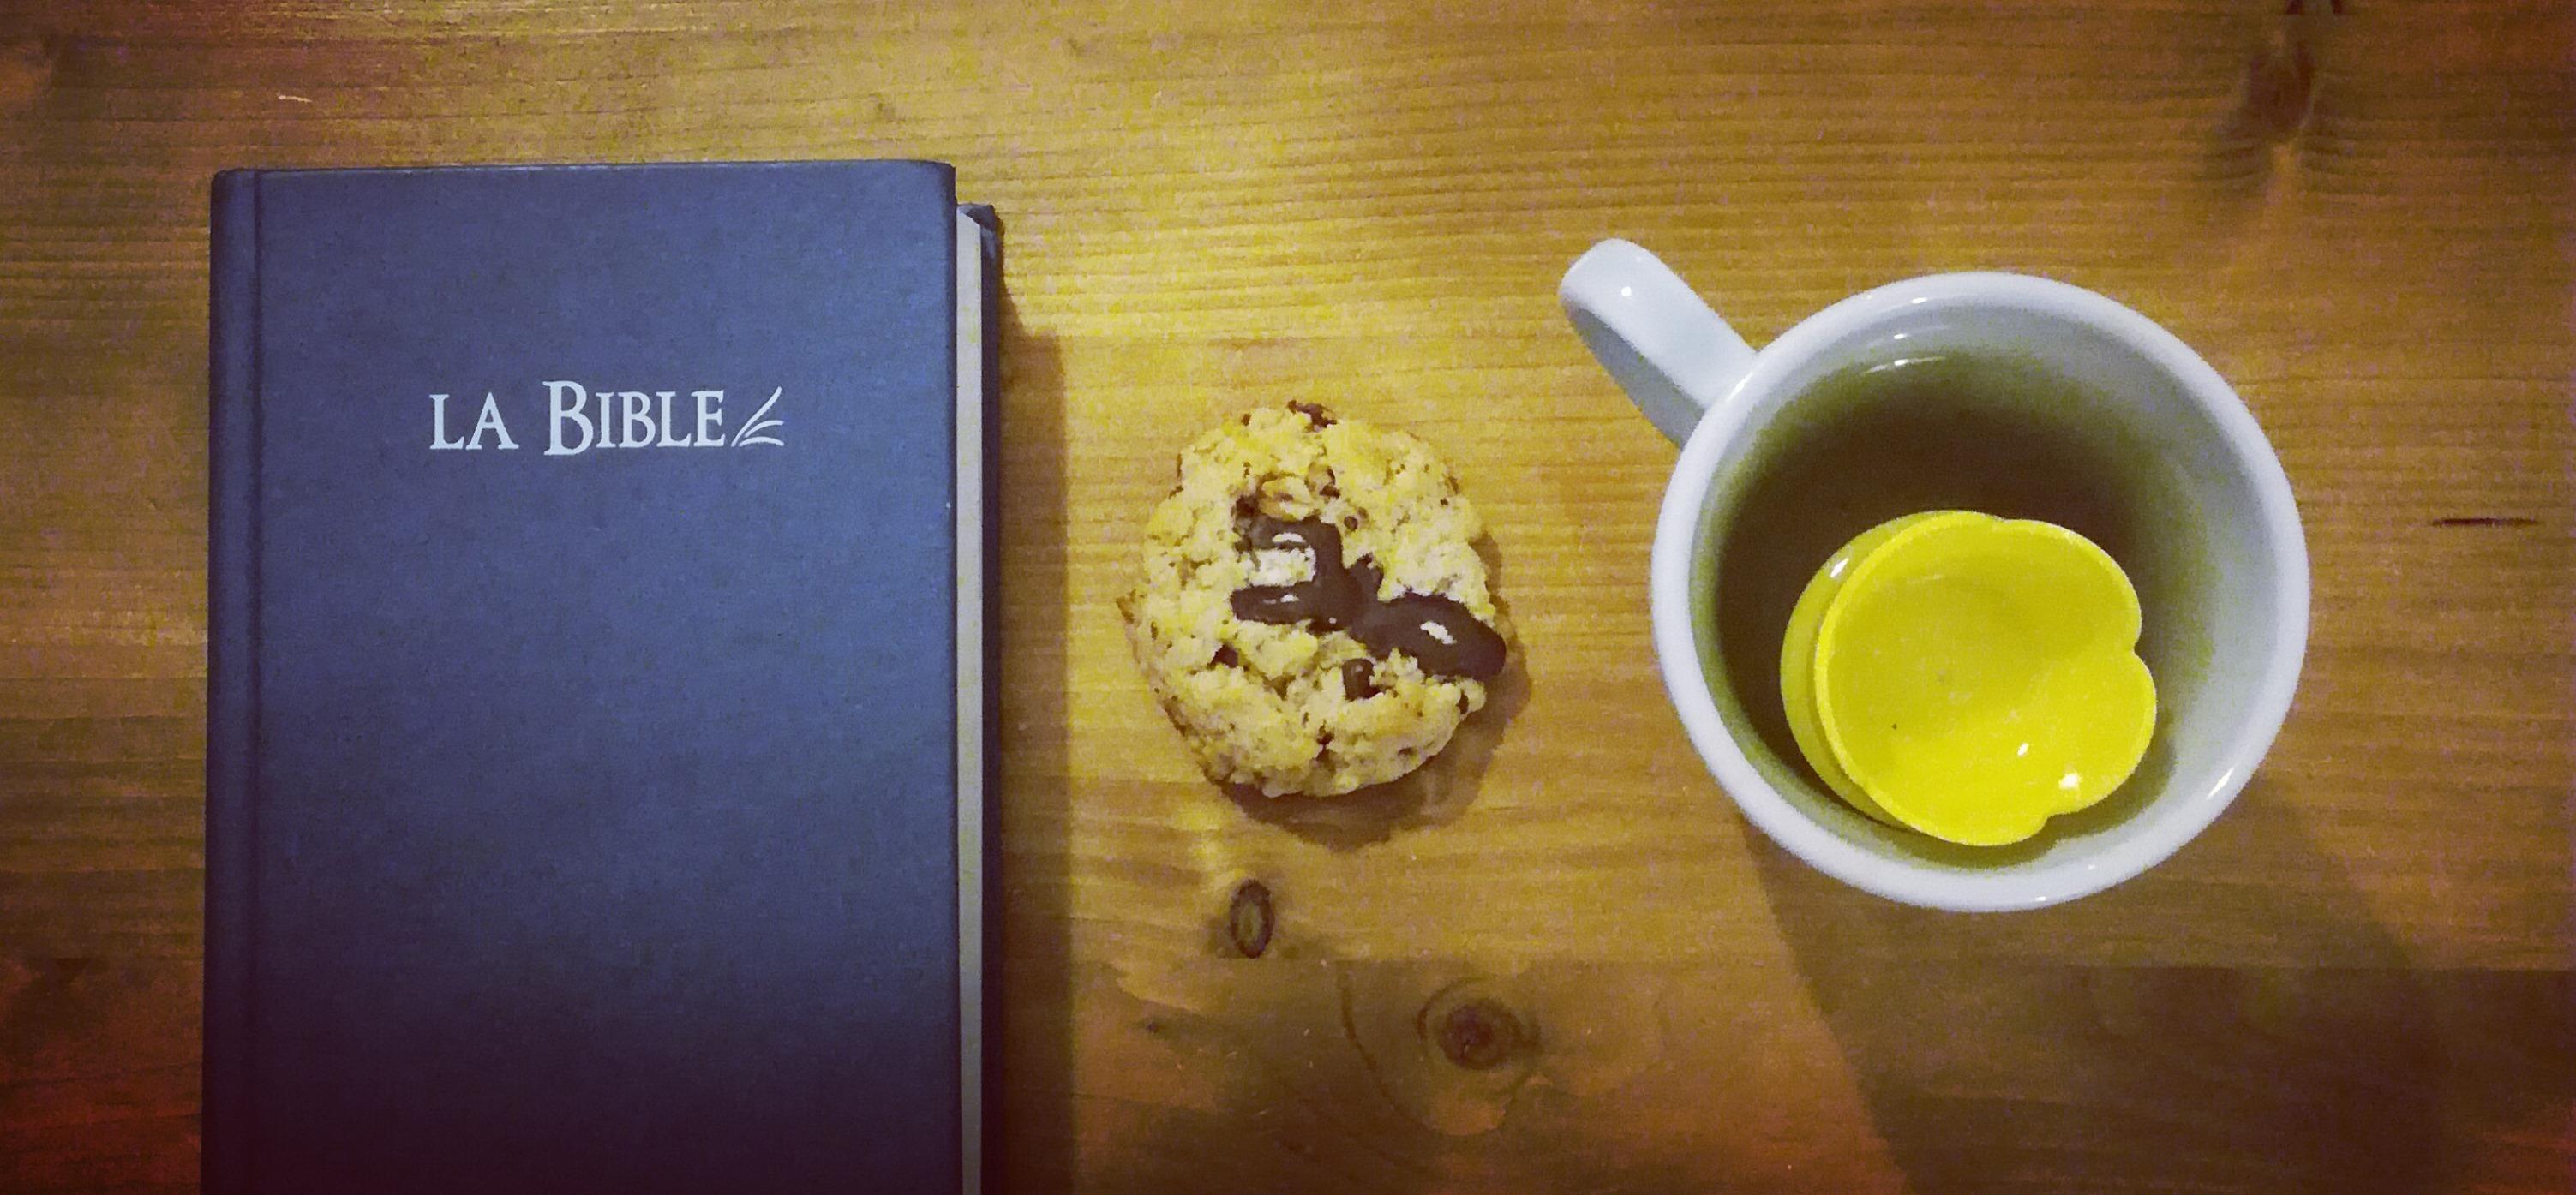 une Bible, un cookie et une tasse de thé